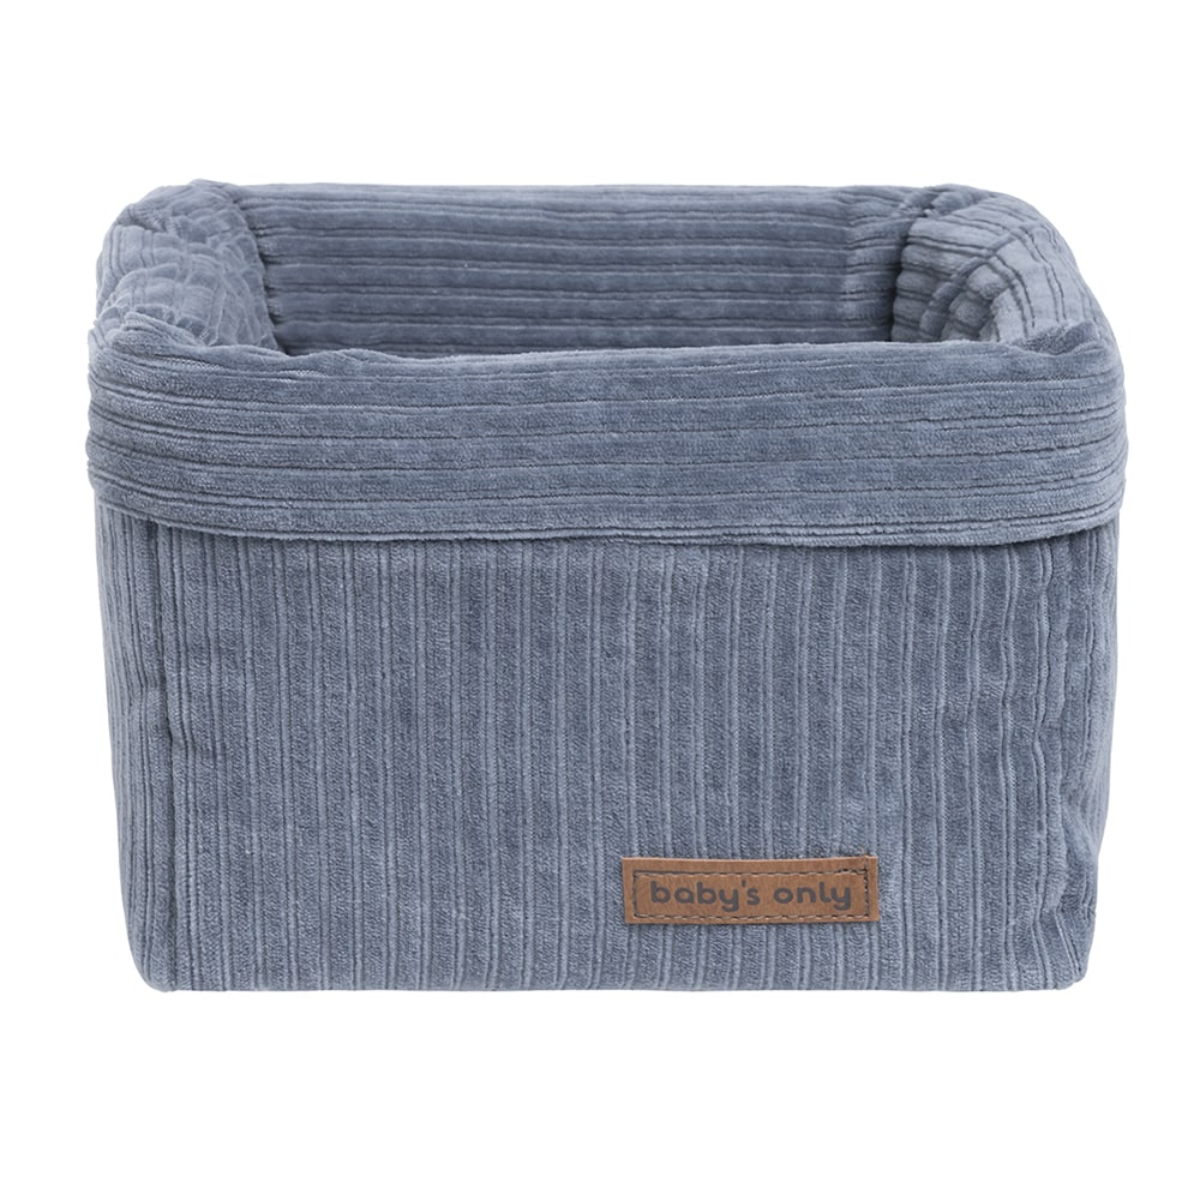 basket sense vintage blue